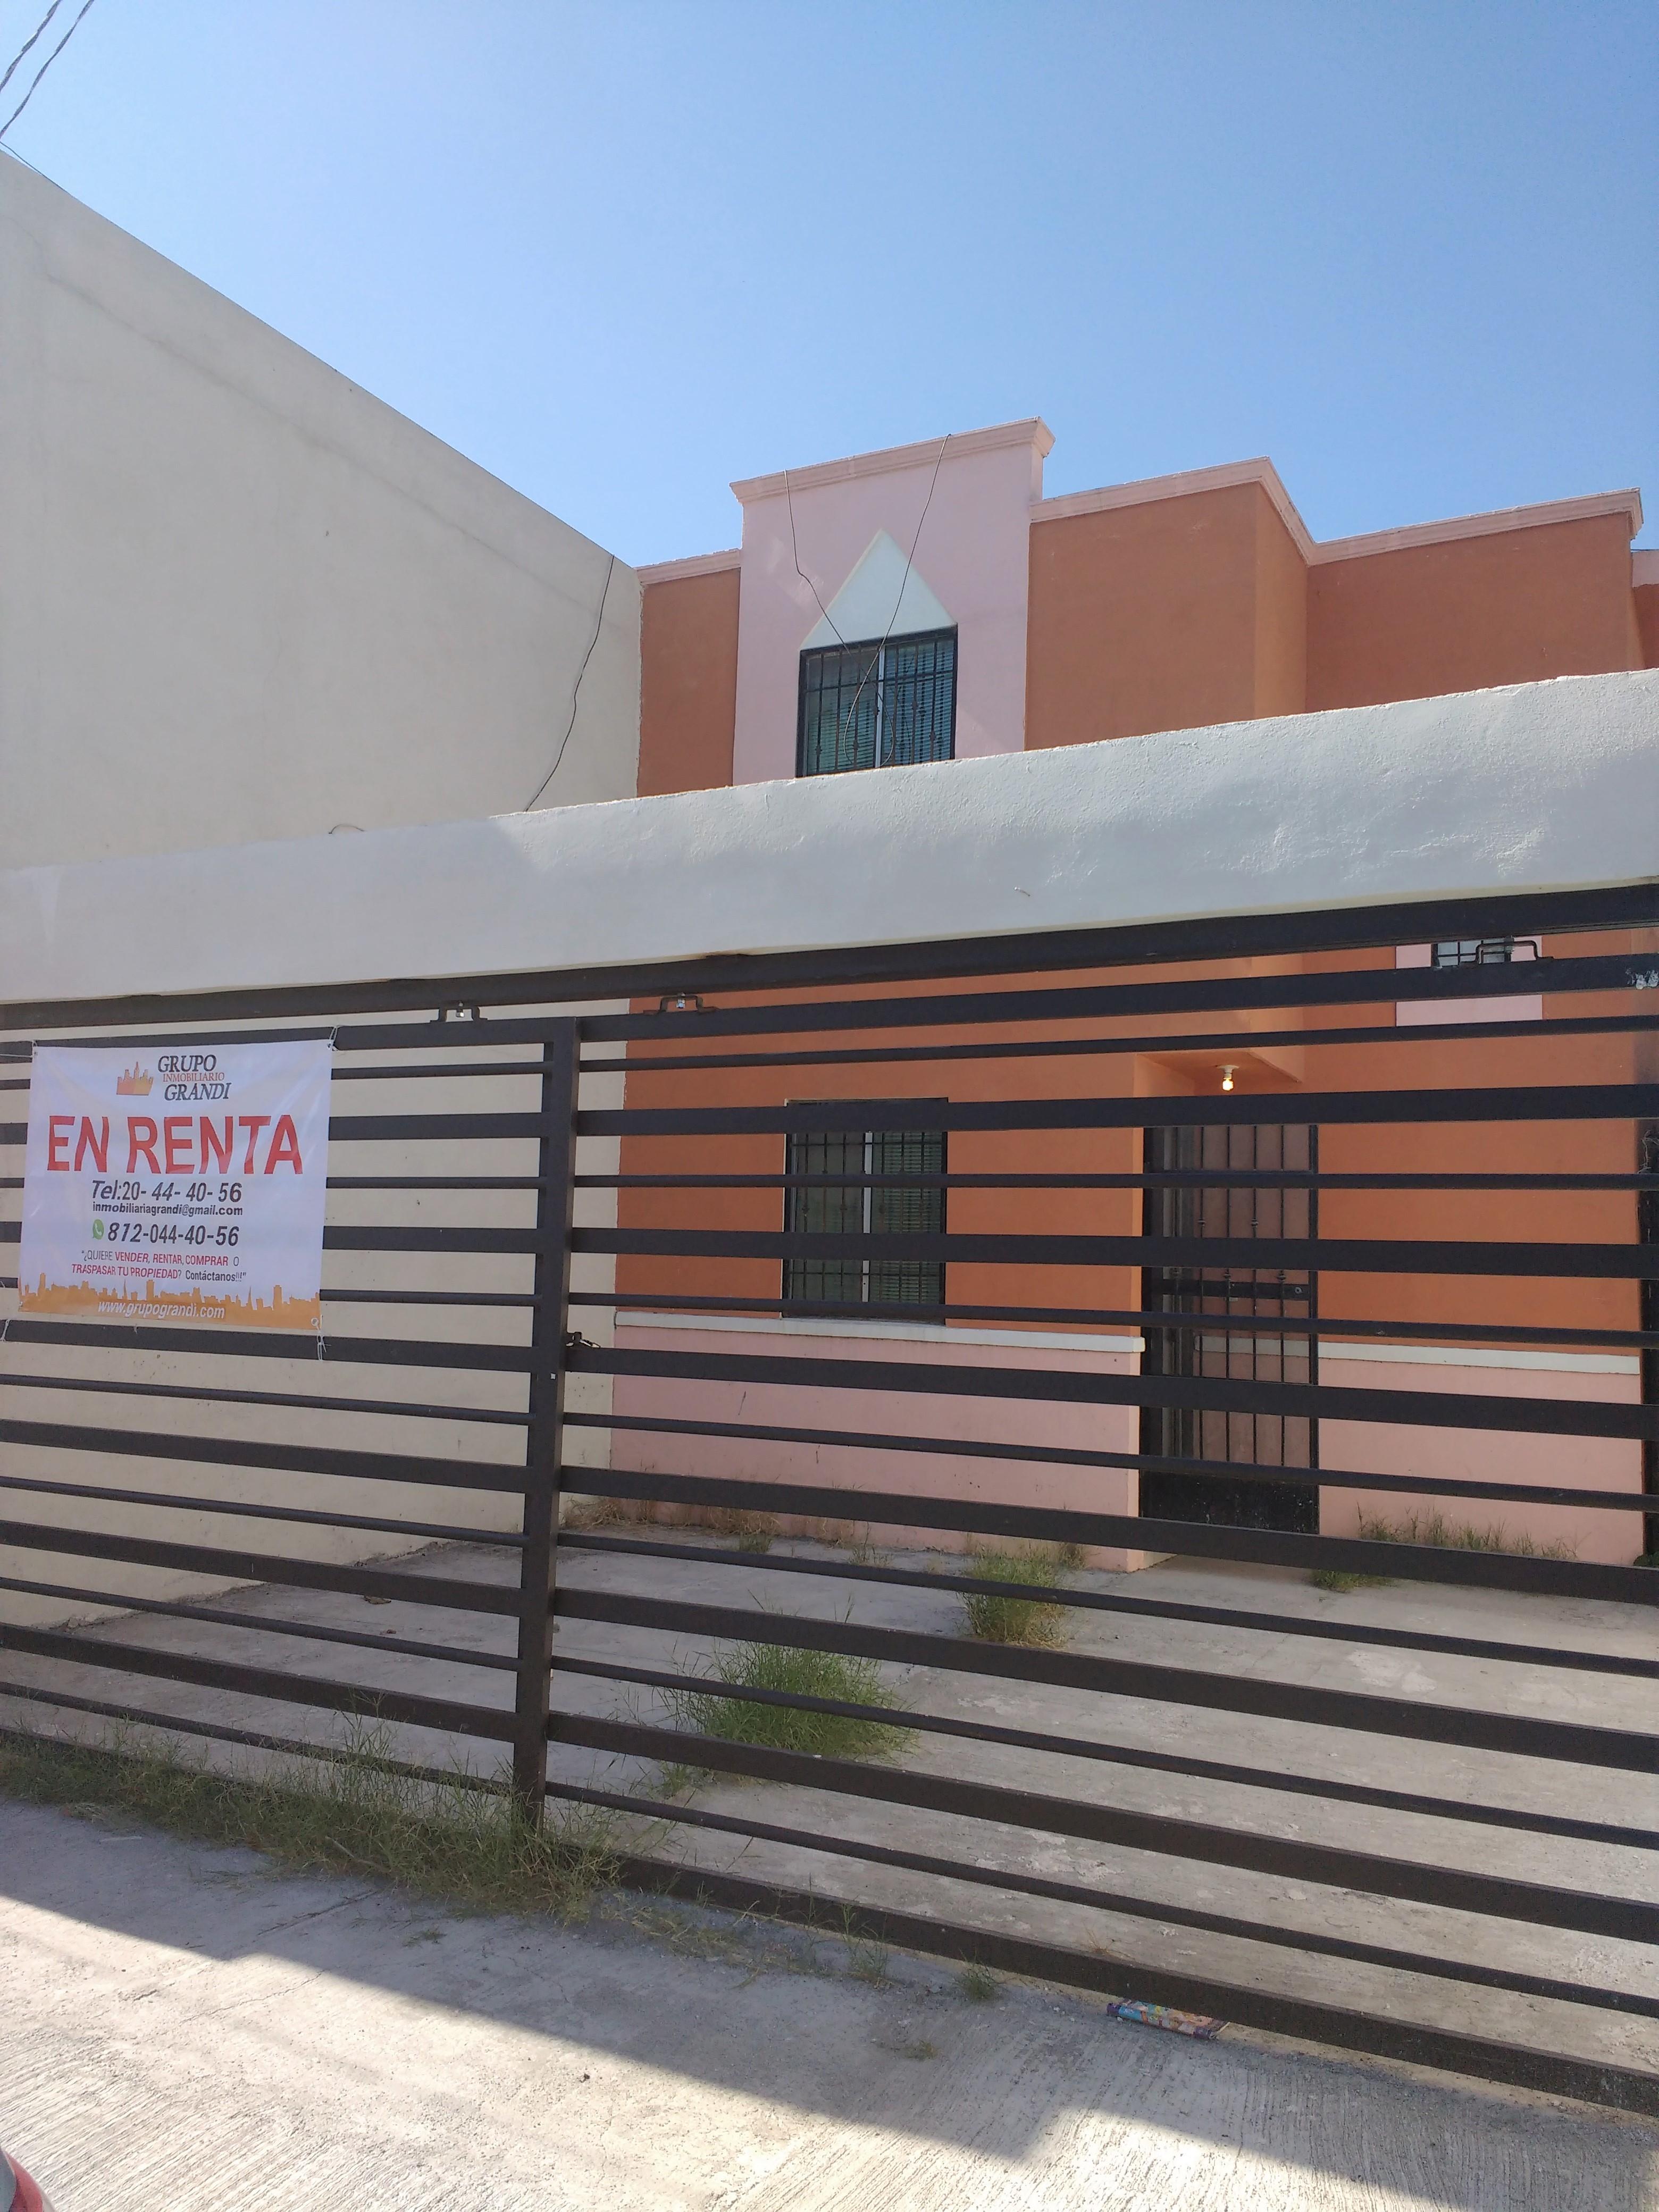 Casa en renta en valle de las palmas apodaca nl casa en for Casas de renta en apodaca